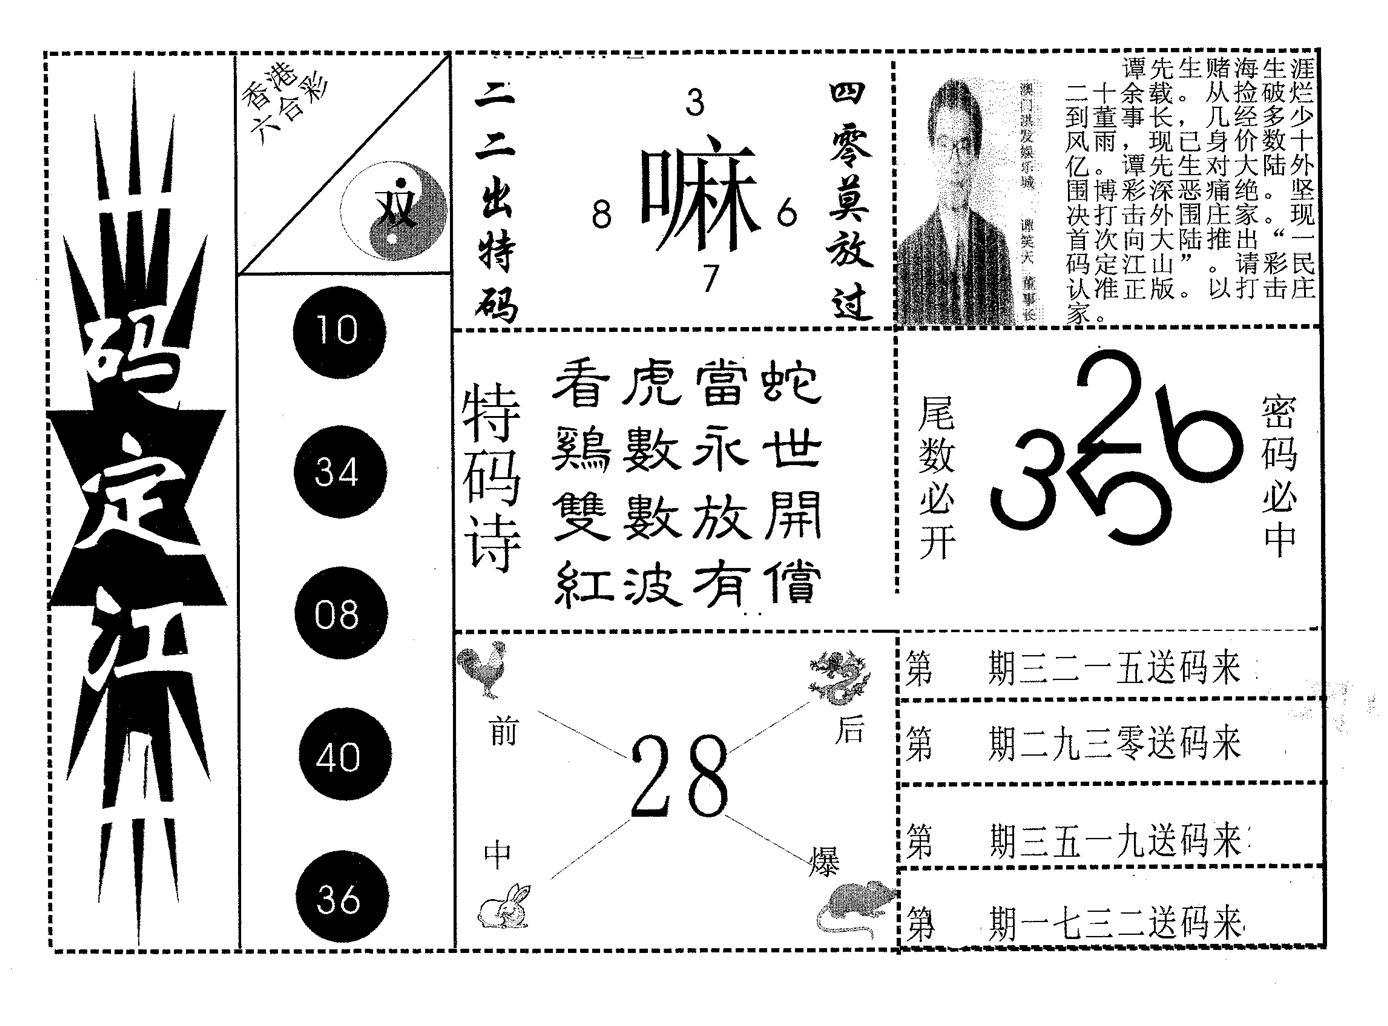 070期一码定江山(黑白)